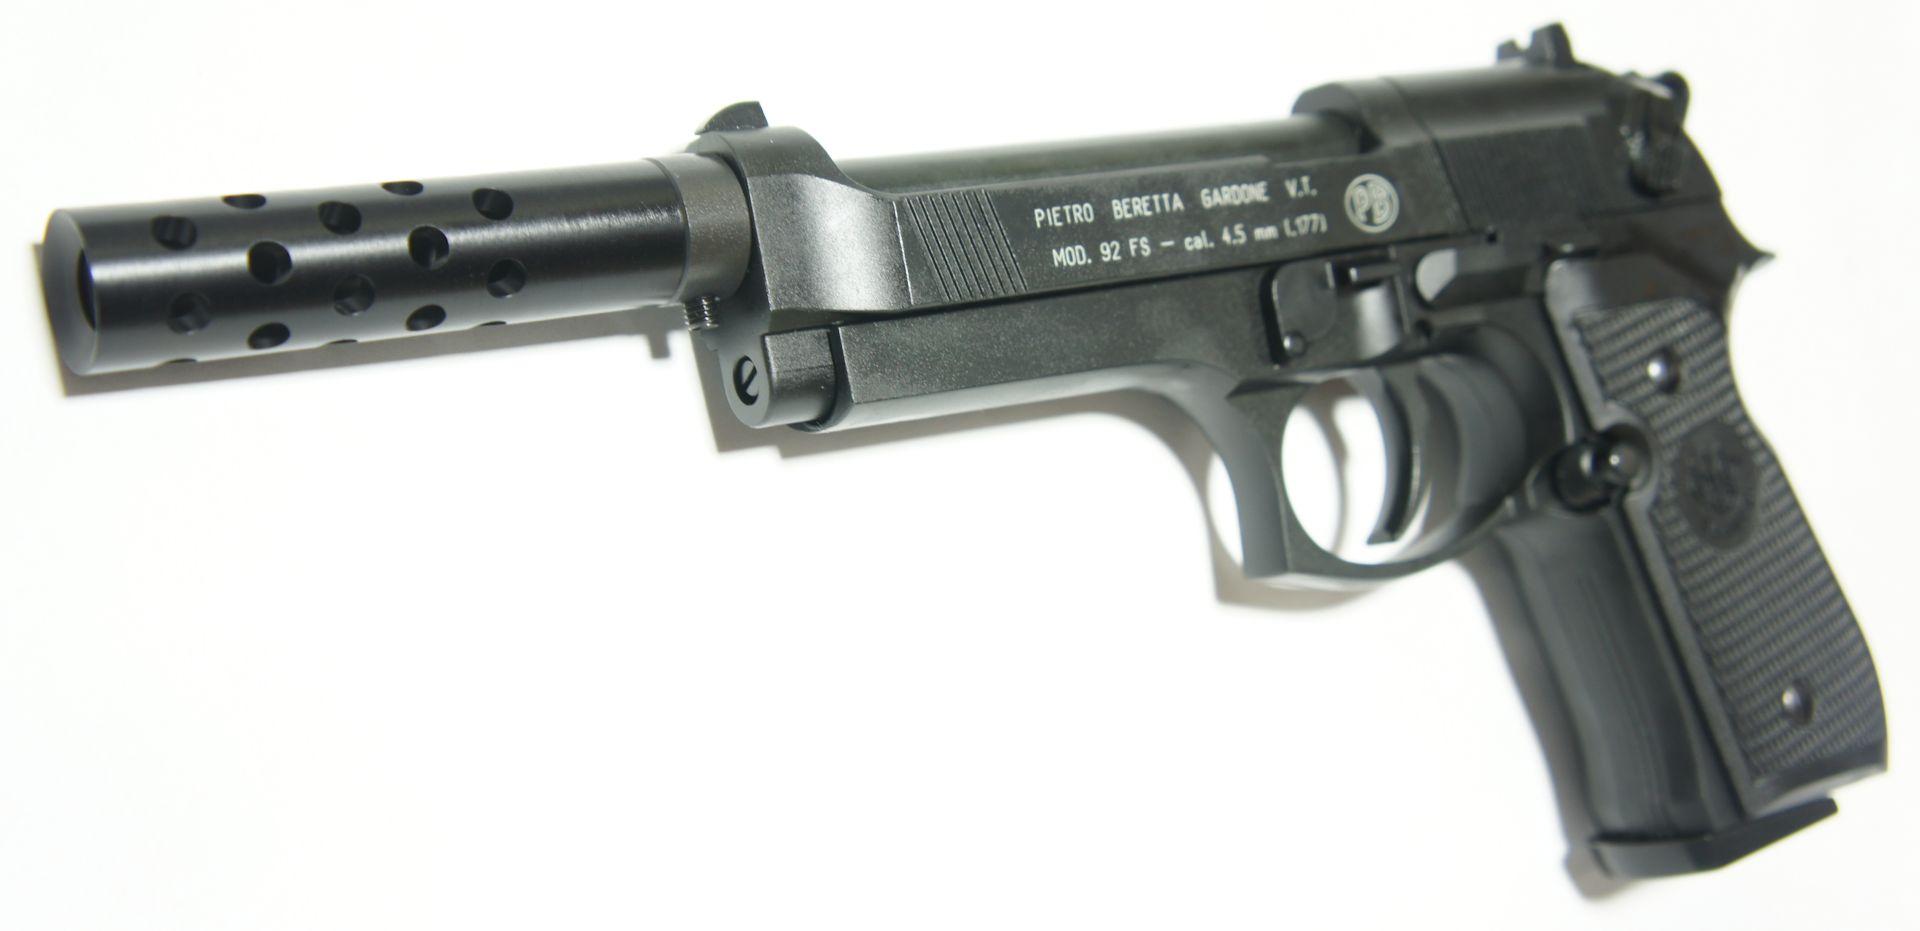 Bei diser CO2 Pistole Beretta wird als Montagebeispiel gezeigt, dass als Zubehör hier auch  ein <a href=1165812.htm>Kompensator </a> mittels Adapter passt.